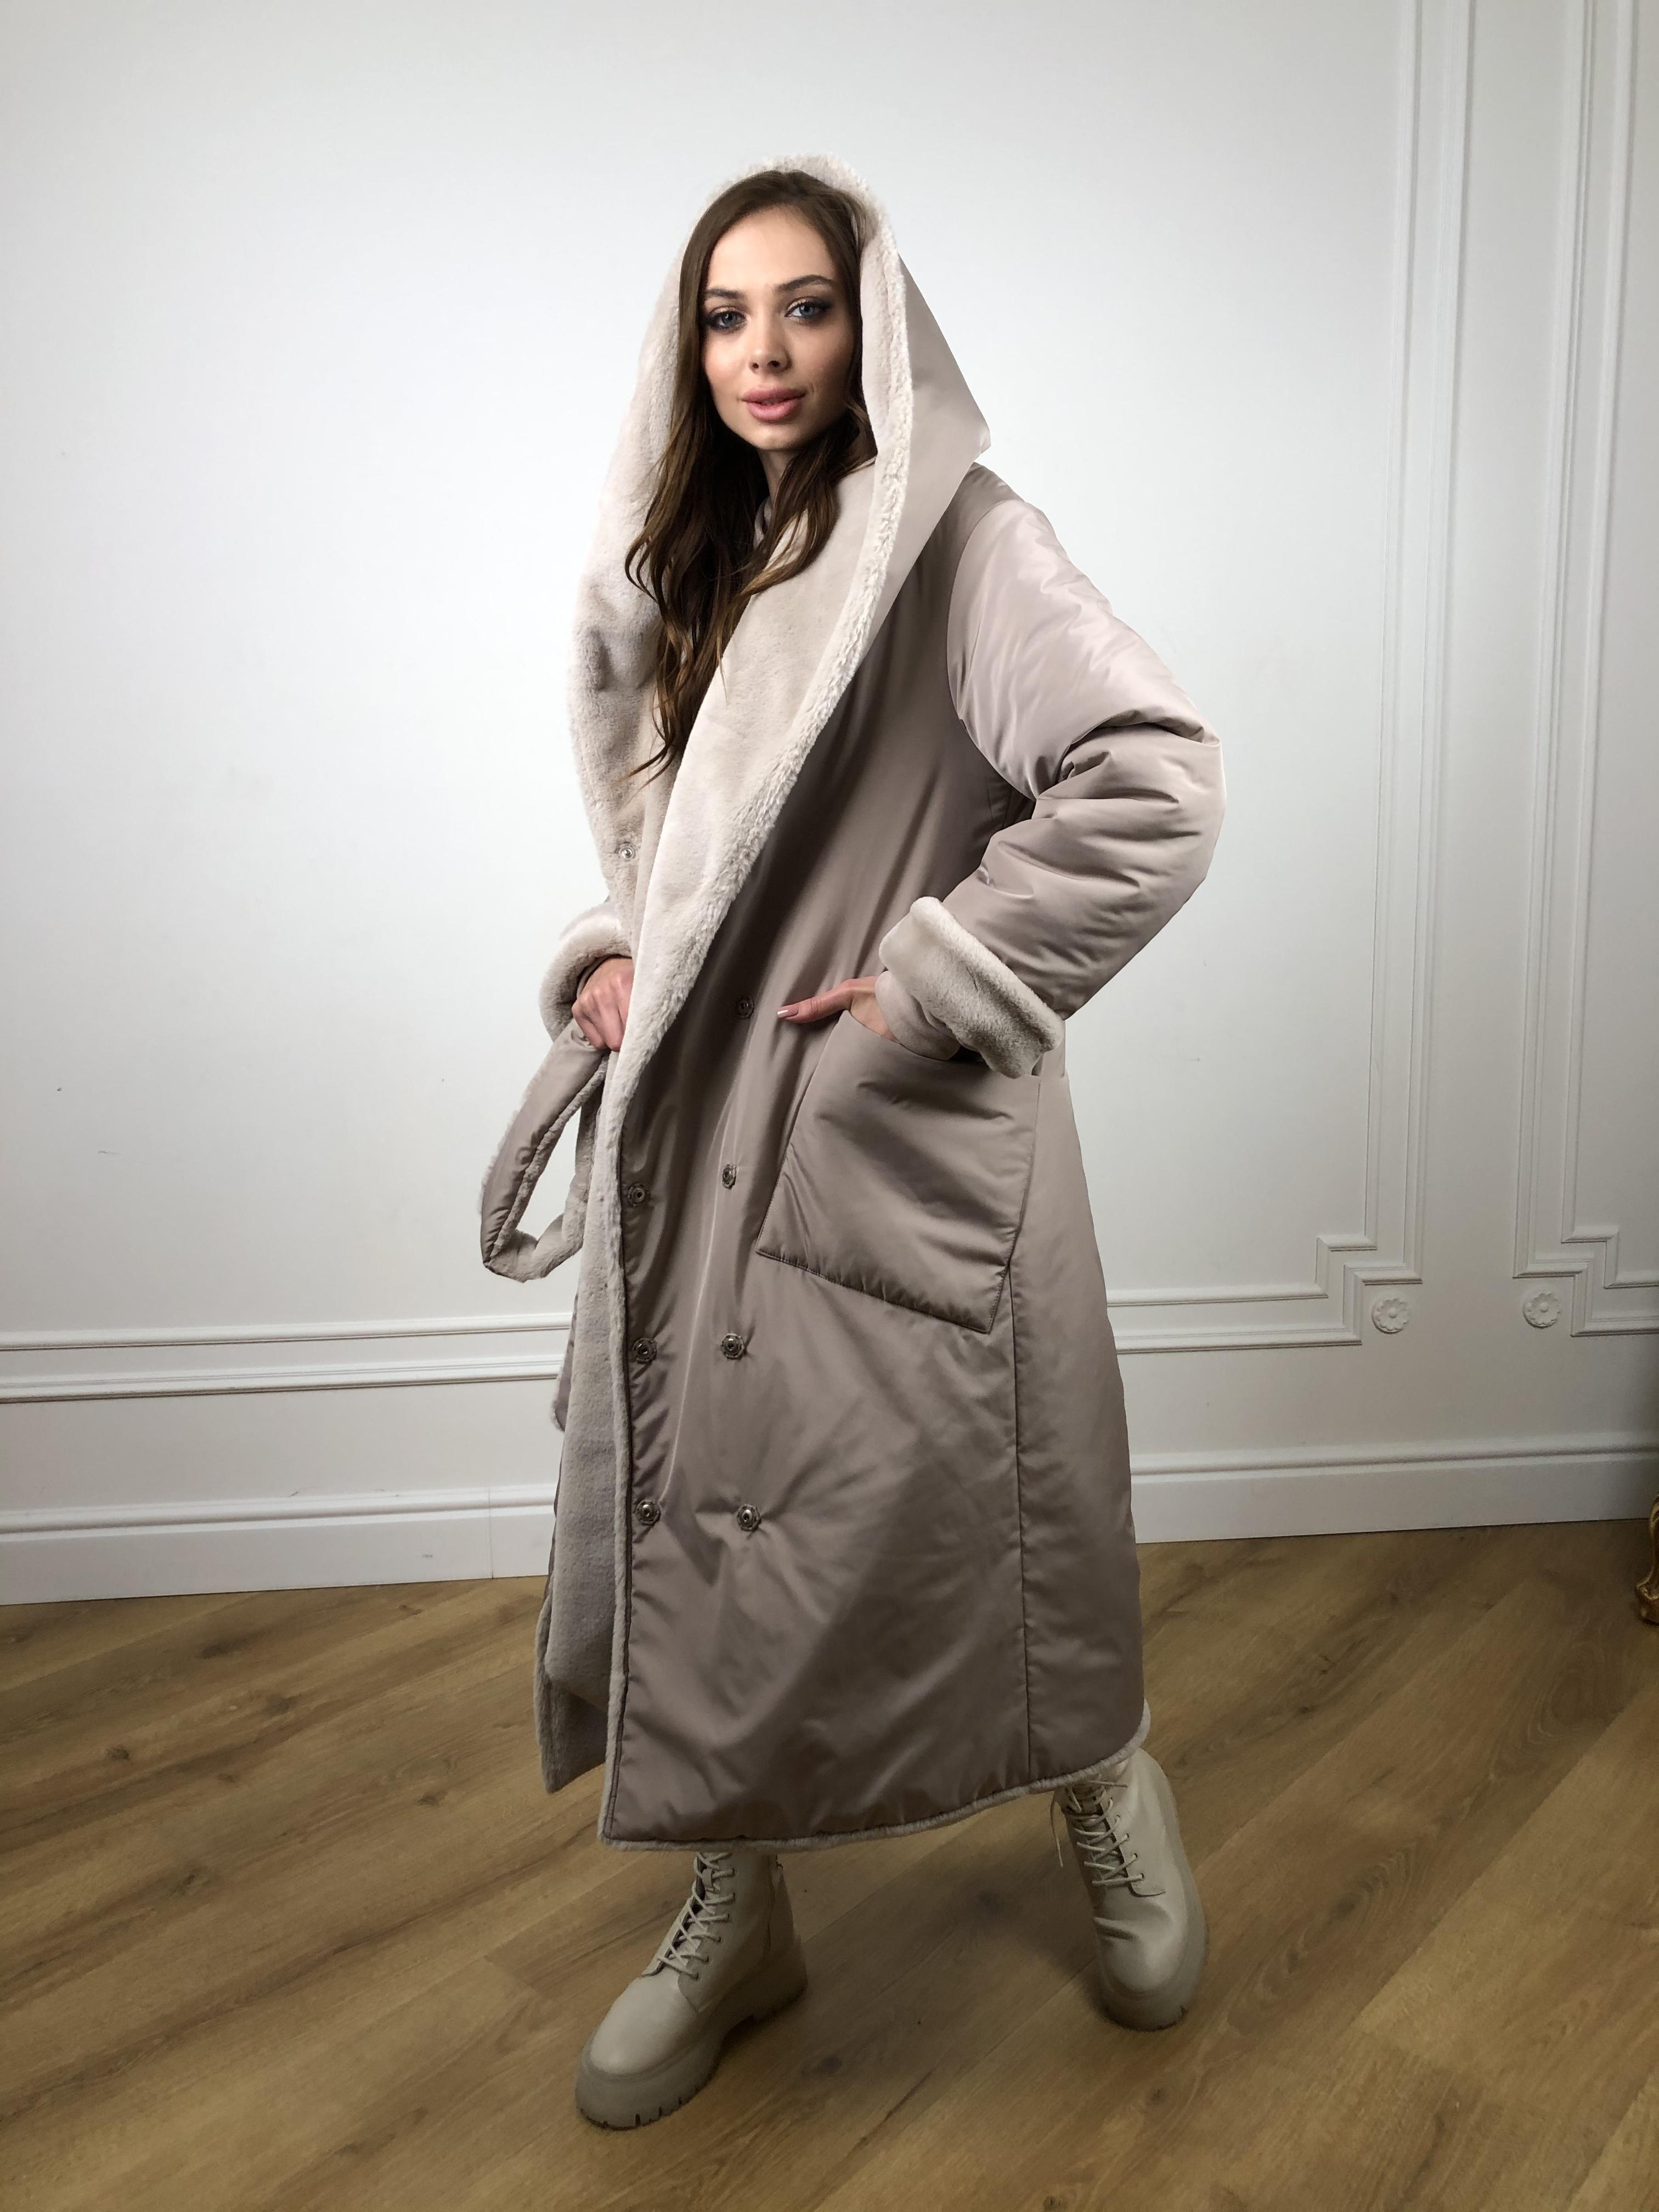 Сноу мех искуственный кролик   плащевка Канада зима пальто 10346 АРТ. 46646 Цвет: Св.серый/Кофе - фото 3, интернет магазин tm-modus.ru